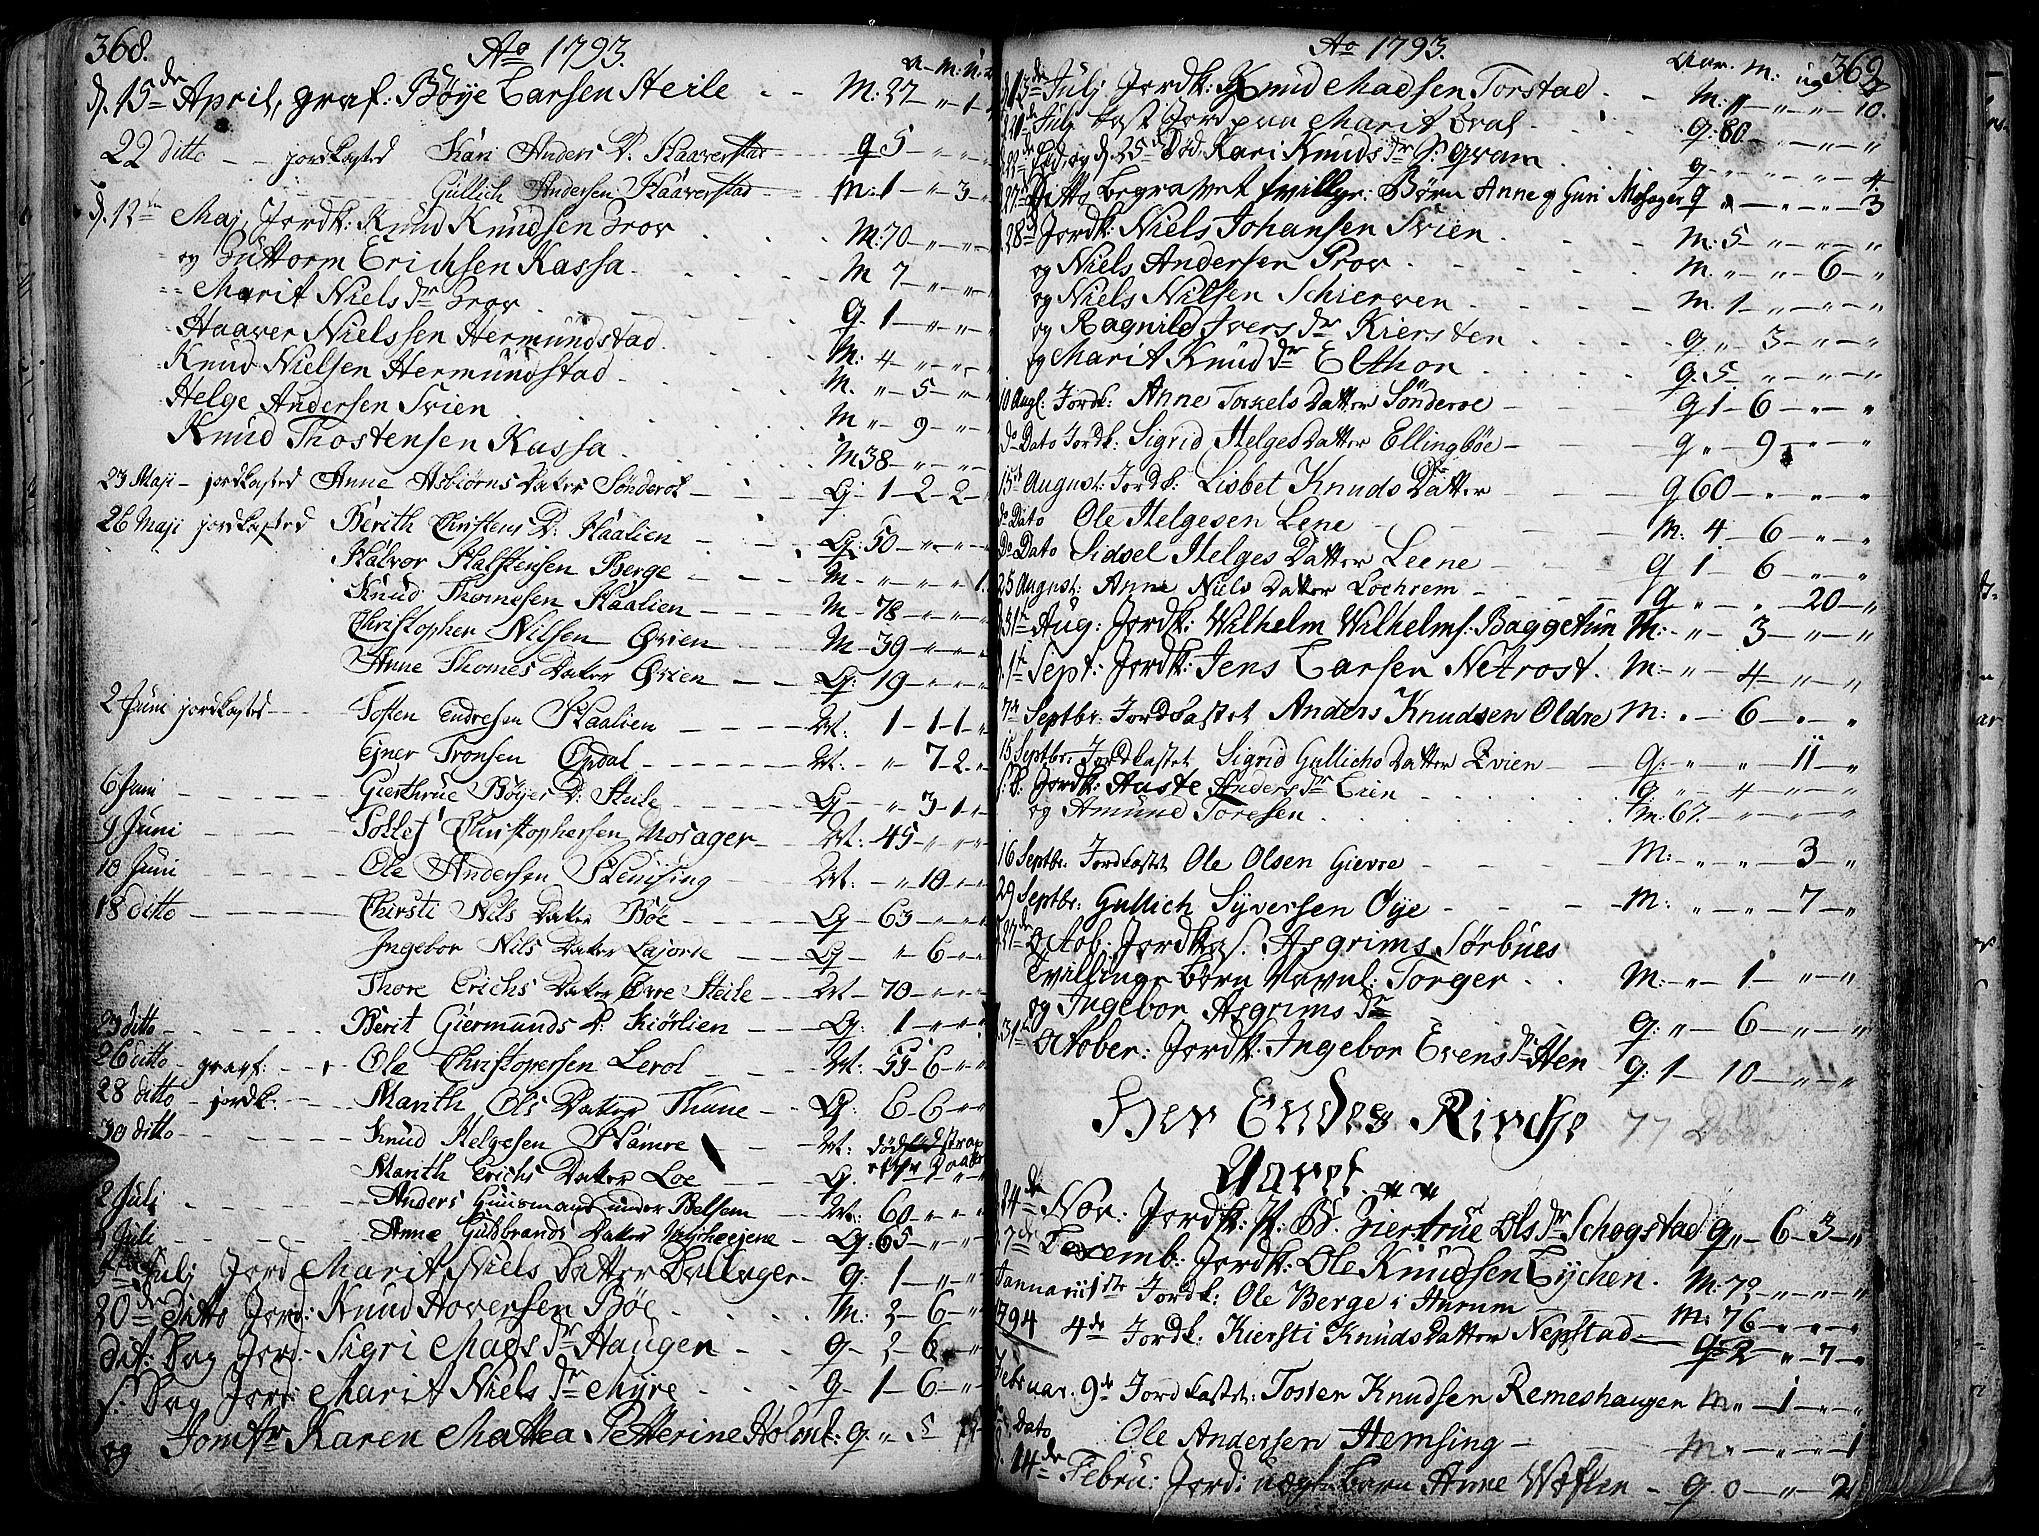 SAH, Vang prestekontor, Valdres, Ministerialbok nr. 1, 1730-1796, s. 368-369